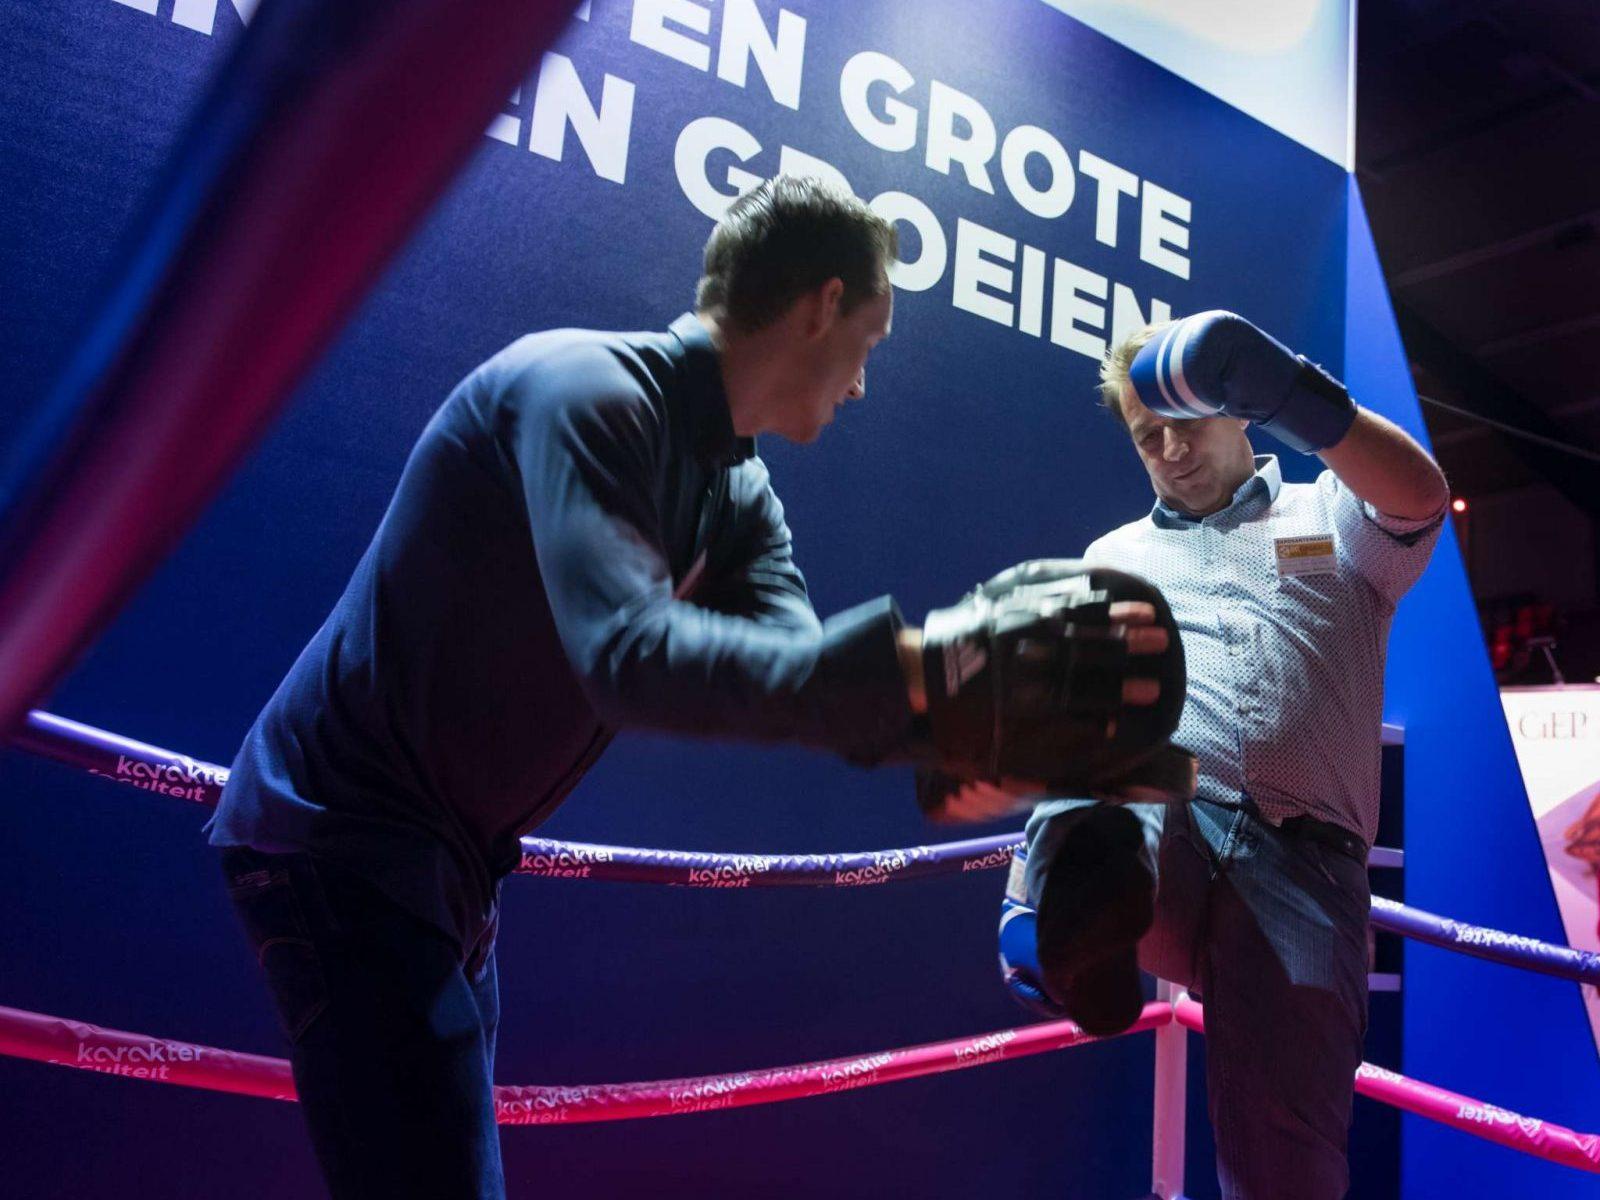 Teun traint een deelnemer met boksen